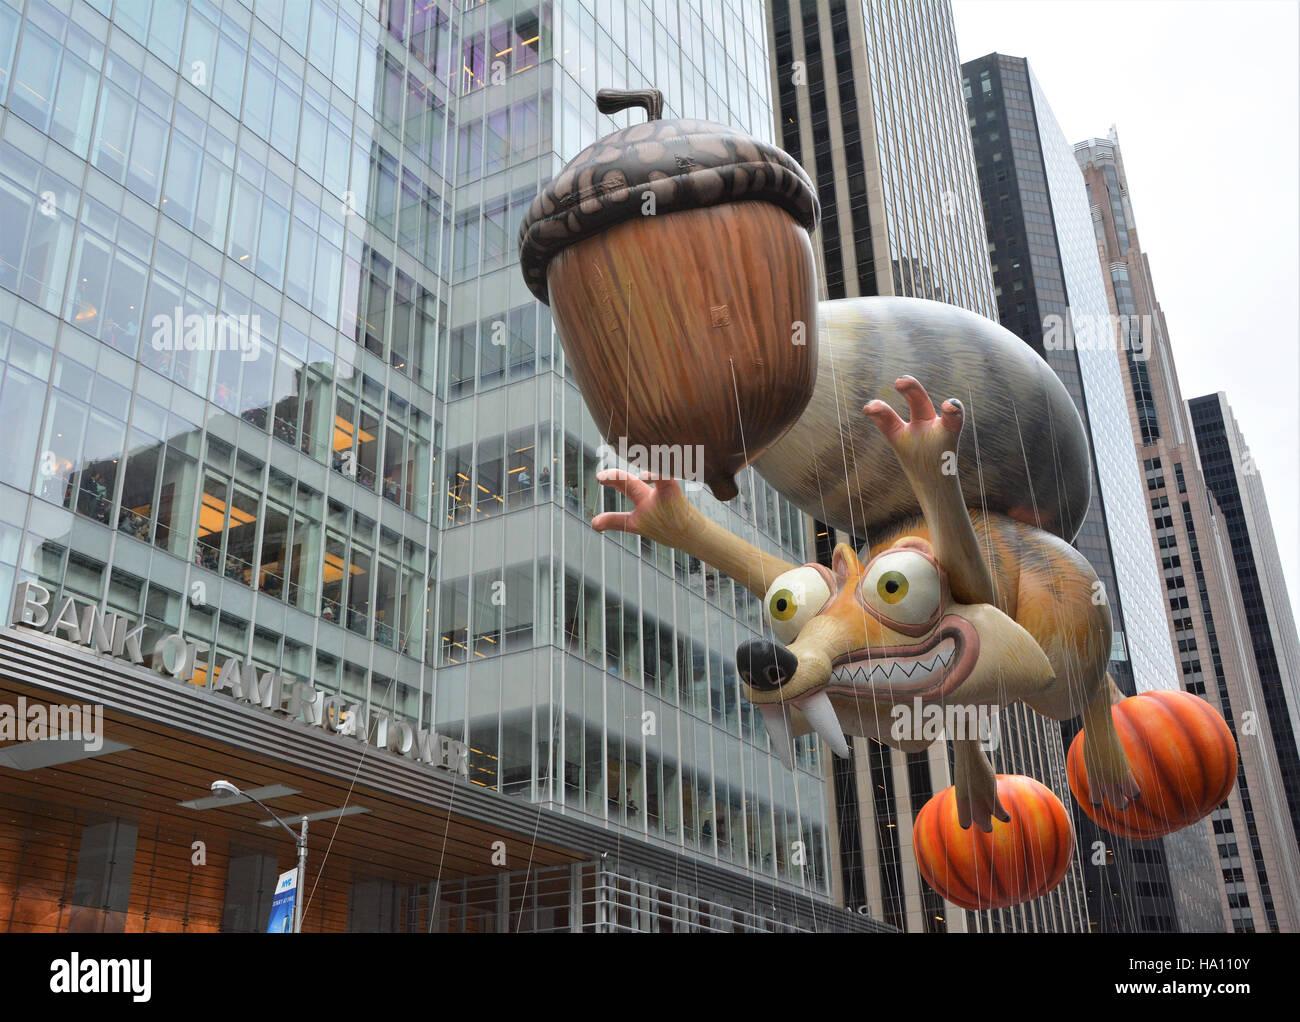 Scrat y su bellota de la película La Edad de Hielo. Imagen De Stock